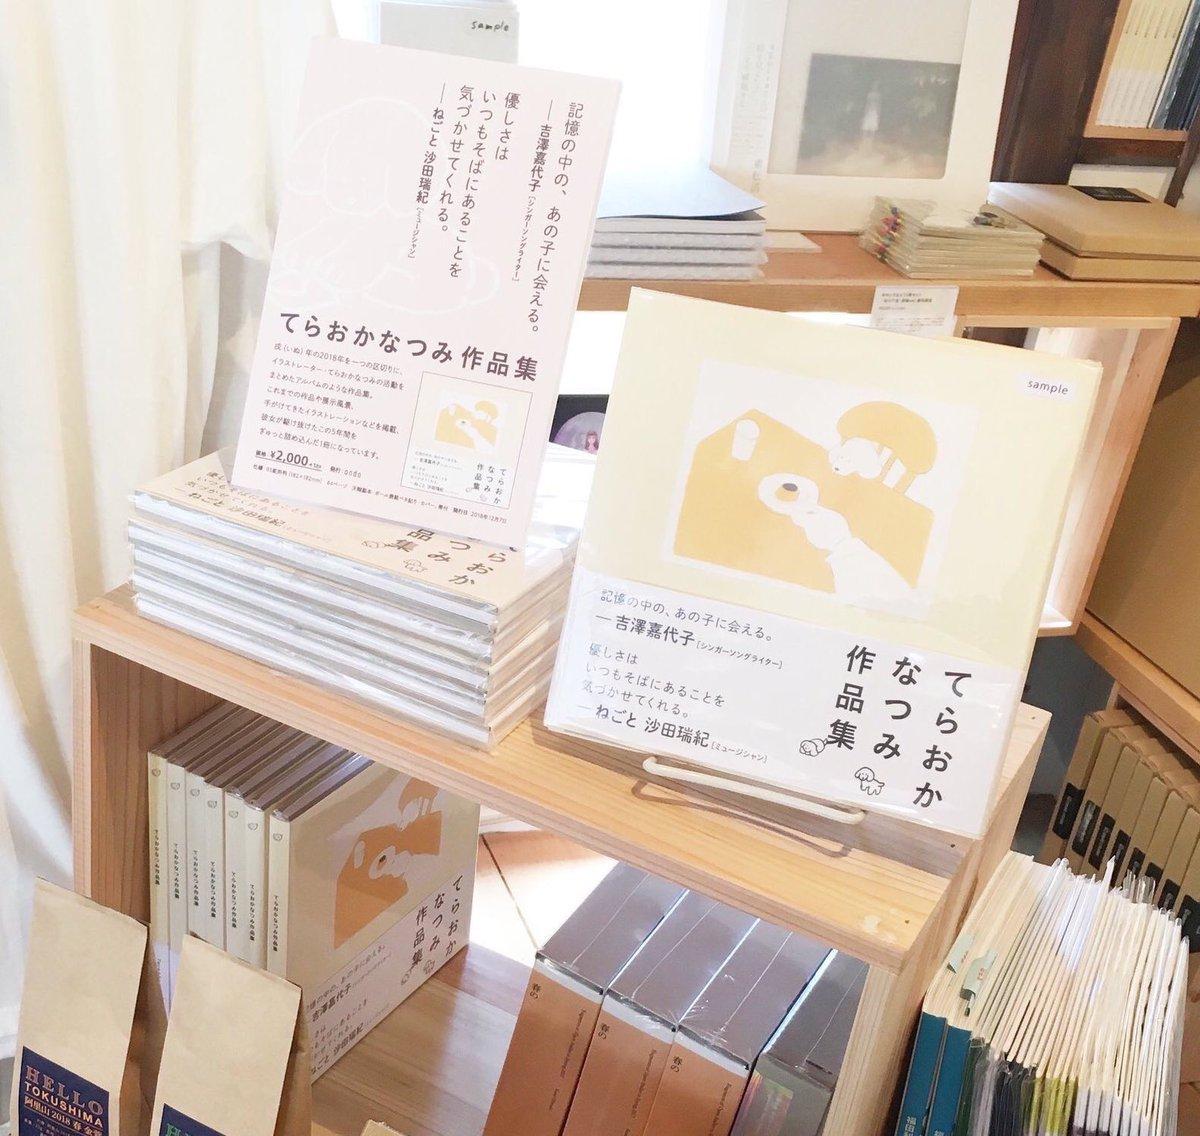 【東京/ondo S&E/SHOP】  てらおかなつみ作品集  大好評のイラストレーター・てらおかなつみさんの作品集。 ondoS&EのSHOPでご購入可能です◎ ページをめくるたび、柔らかな心地よさに包まれる一冊◎ 大切な方へのプレゼントにもぜひ。  オンラインでも販売中 →https://ondo-info.net/items/artist/teraokanatsumi/10315/…